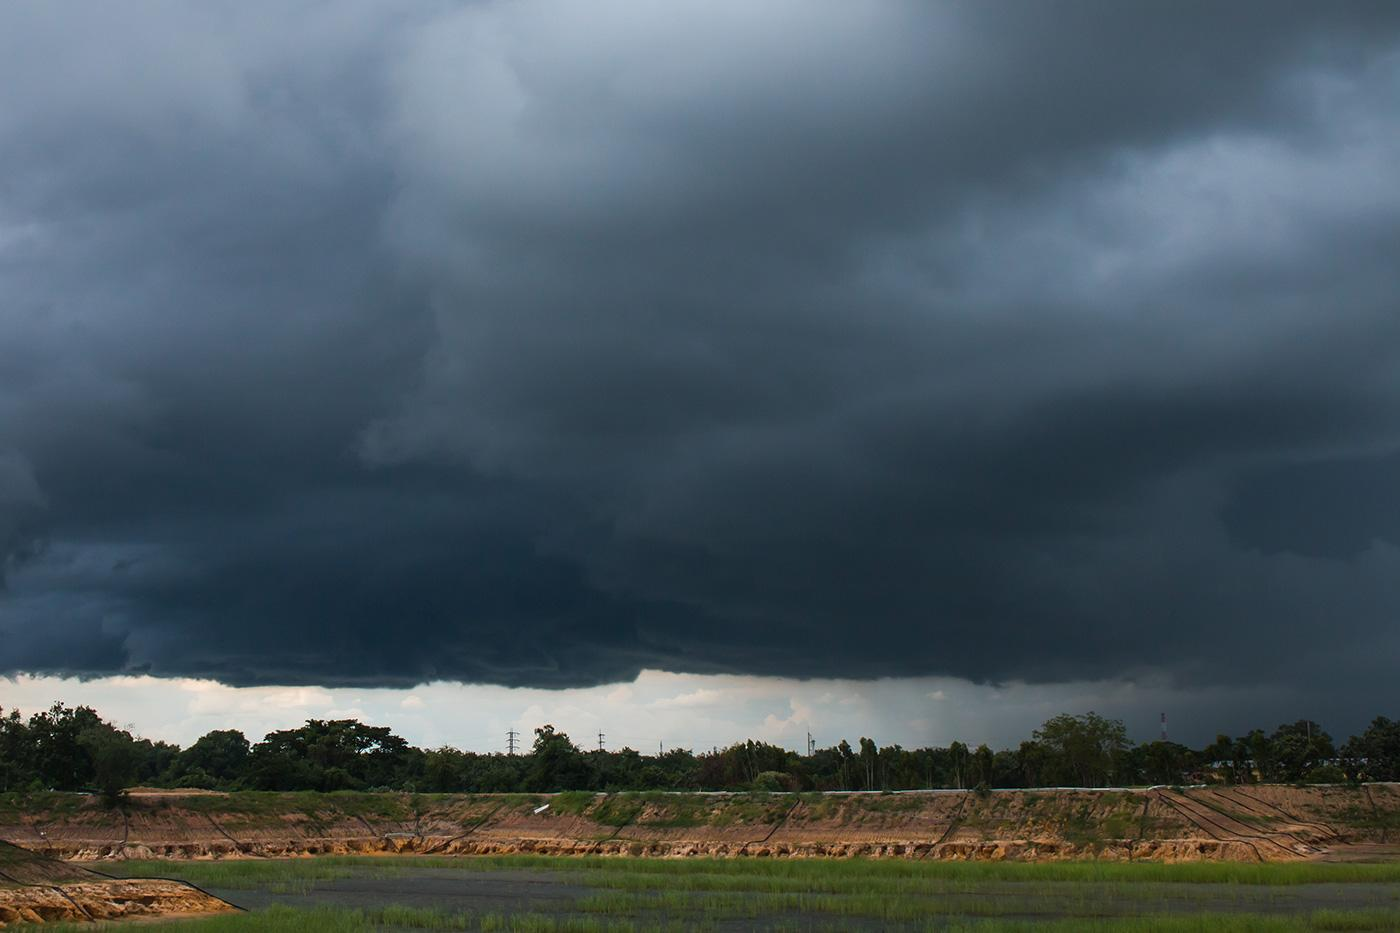 Nimbo-stratur clouds